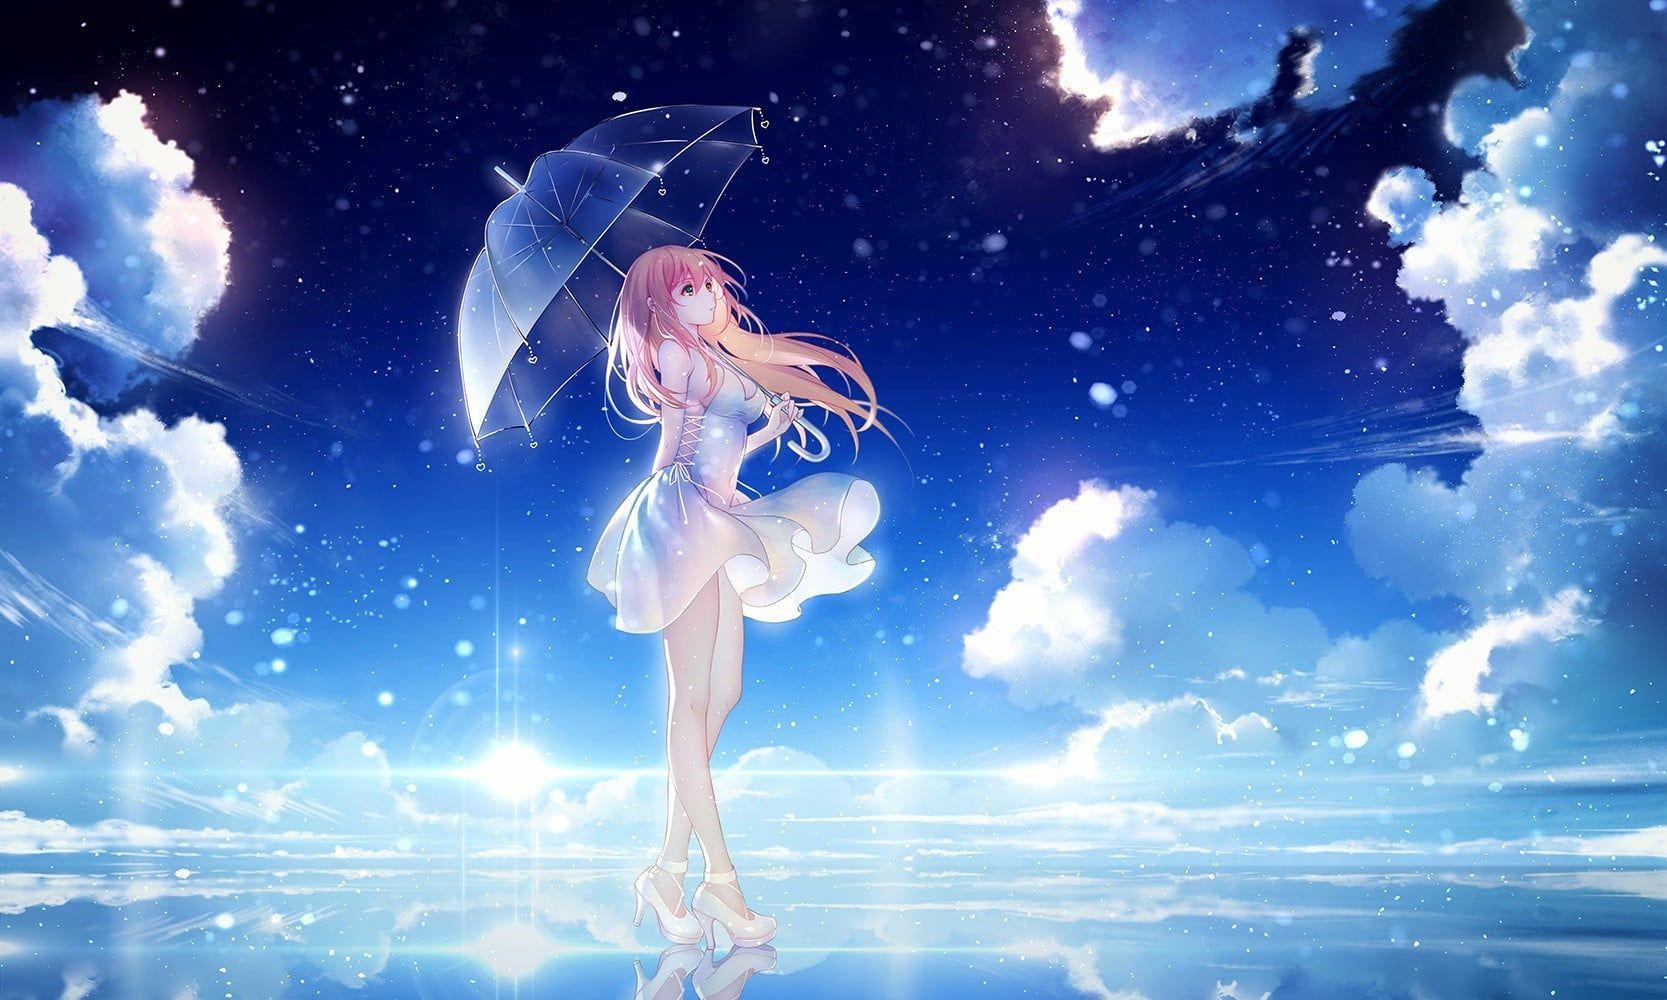 Female Anime Character In White Dress Digital Wallpaper Anime Anime Girls Legs Long Hair Sky Clouds Anime Wallpaper Download Anime Scenery Wallpaper Anime